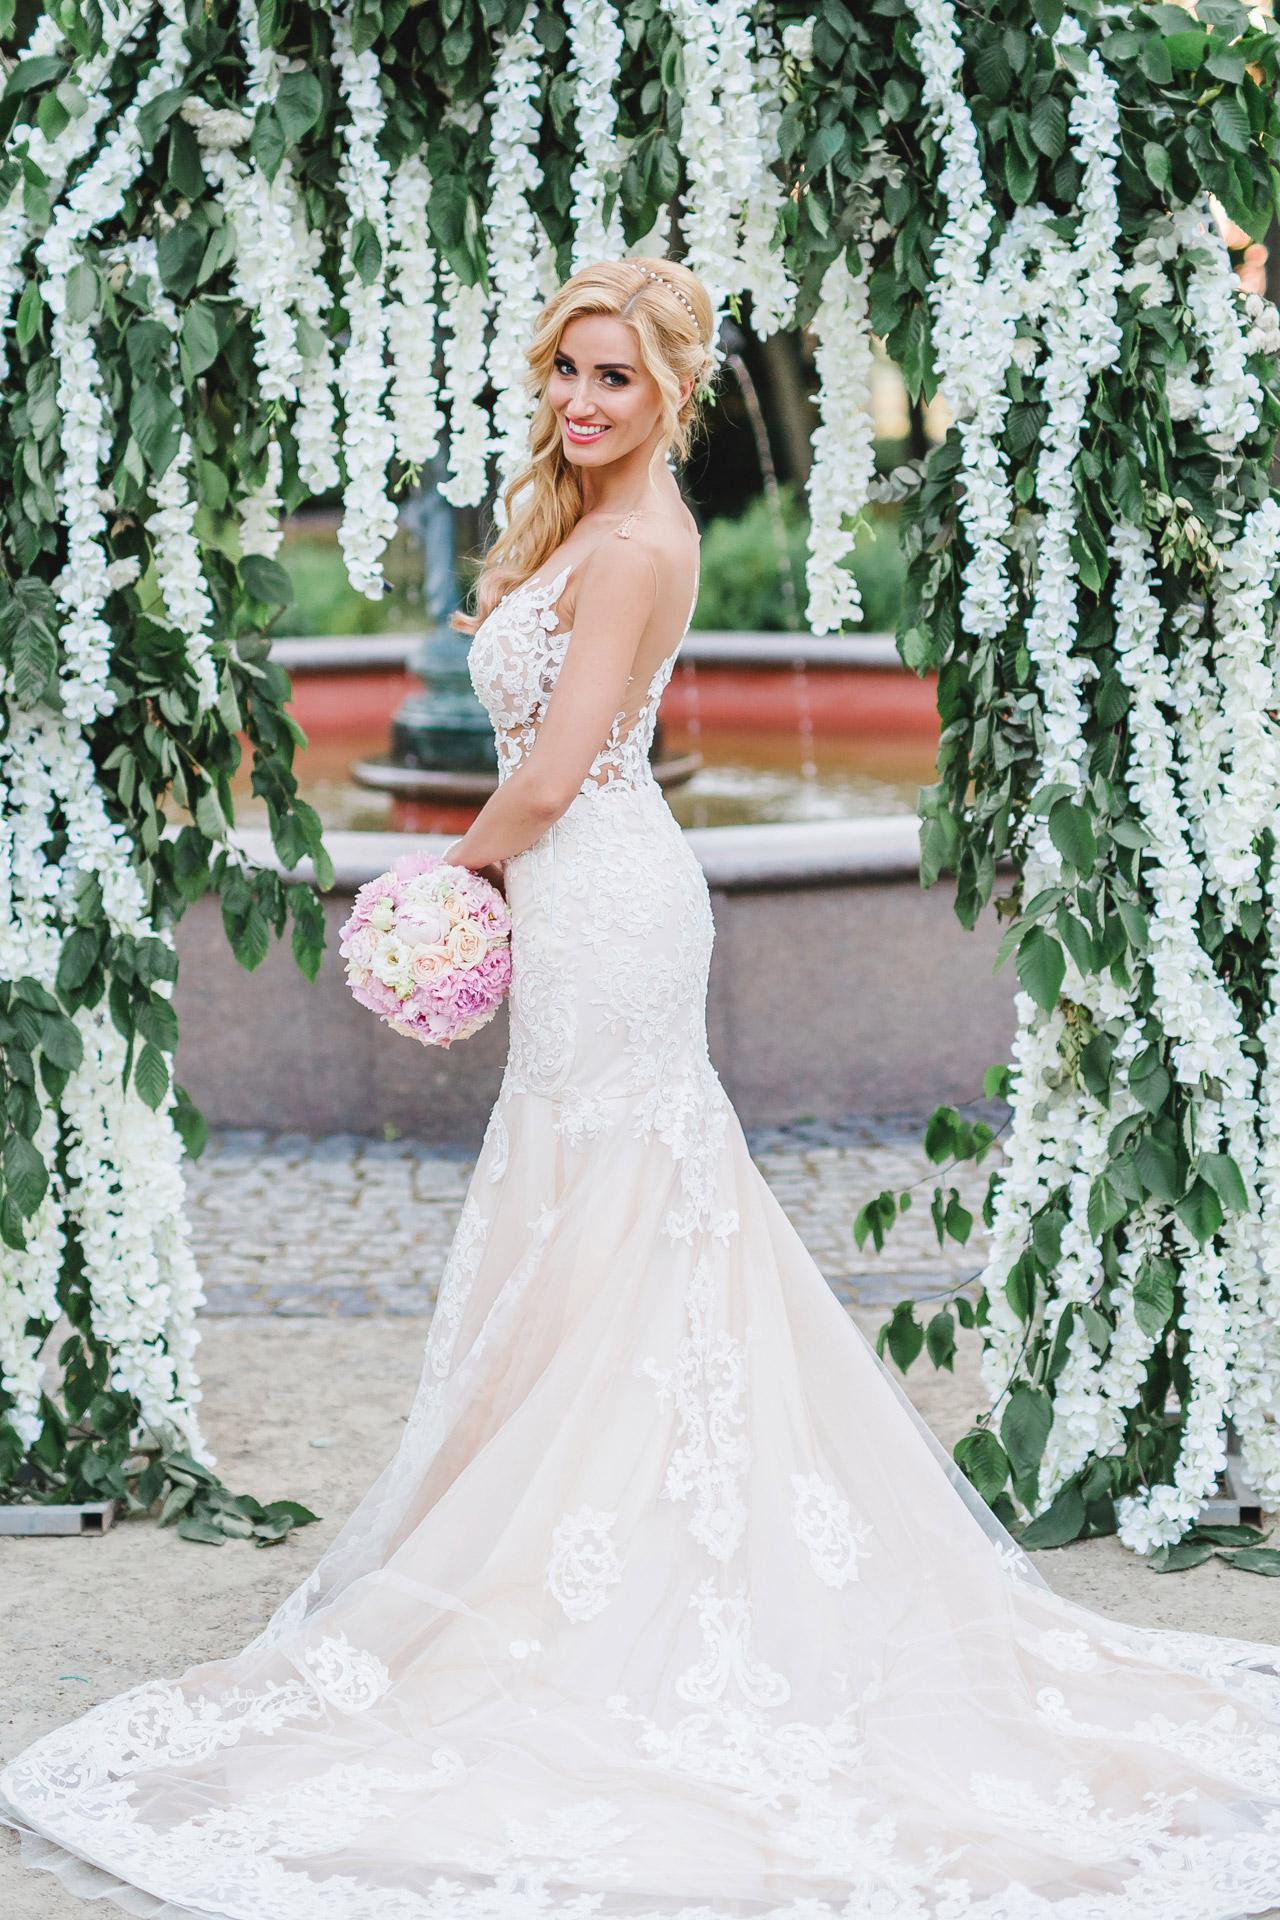 panna młoda 2020, suknia ślubna, bukiet, fotografia ślubna, płac Tłokinia, ślub i wesele, fotografia i film ślubny, zdjęcia ślubne, fotograf wielkopolska